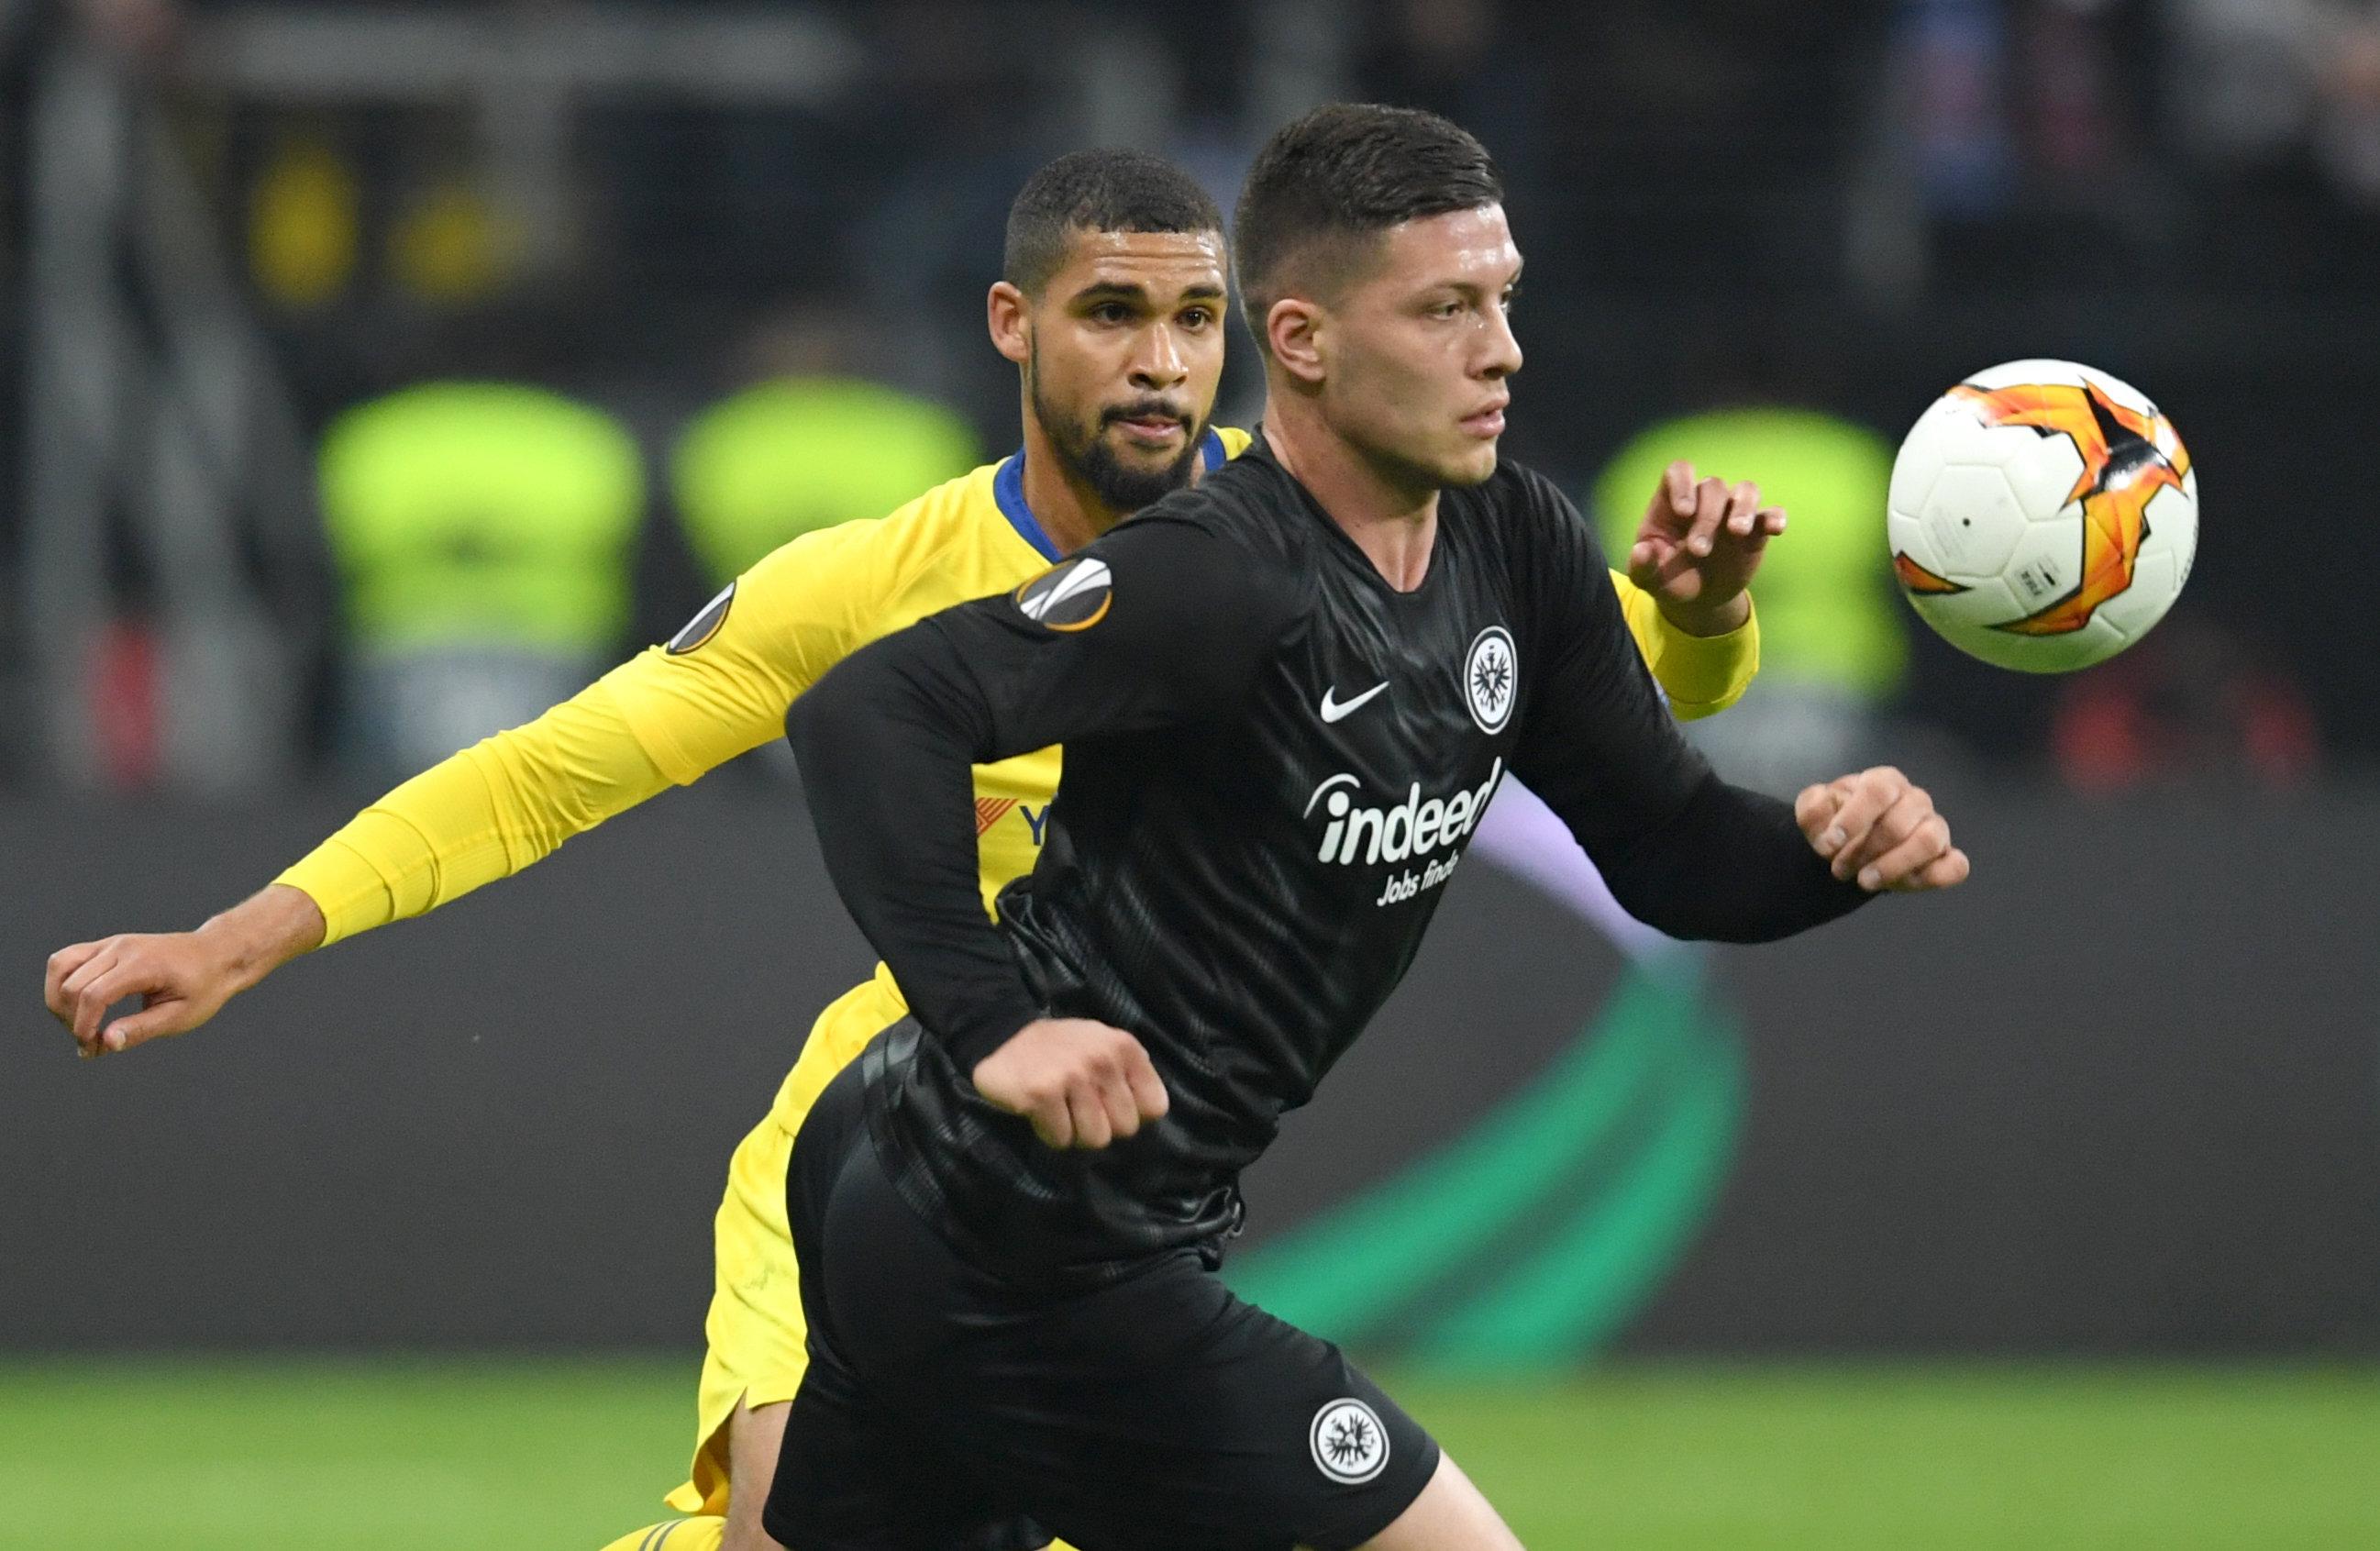 Frankfurt wahrt mit dem Remis gegen Chelsea die Chance auf den Finaleinzug.